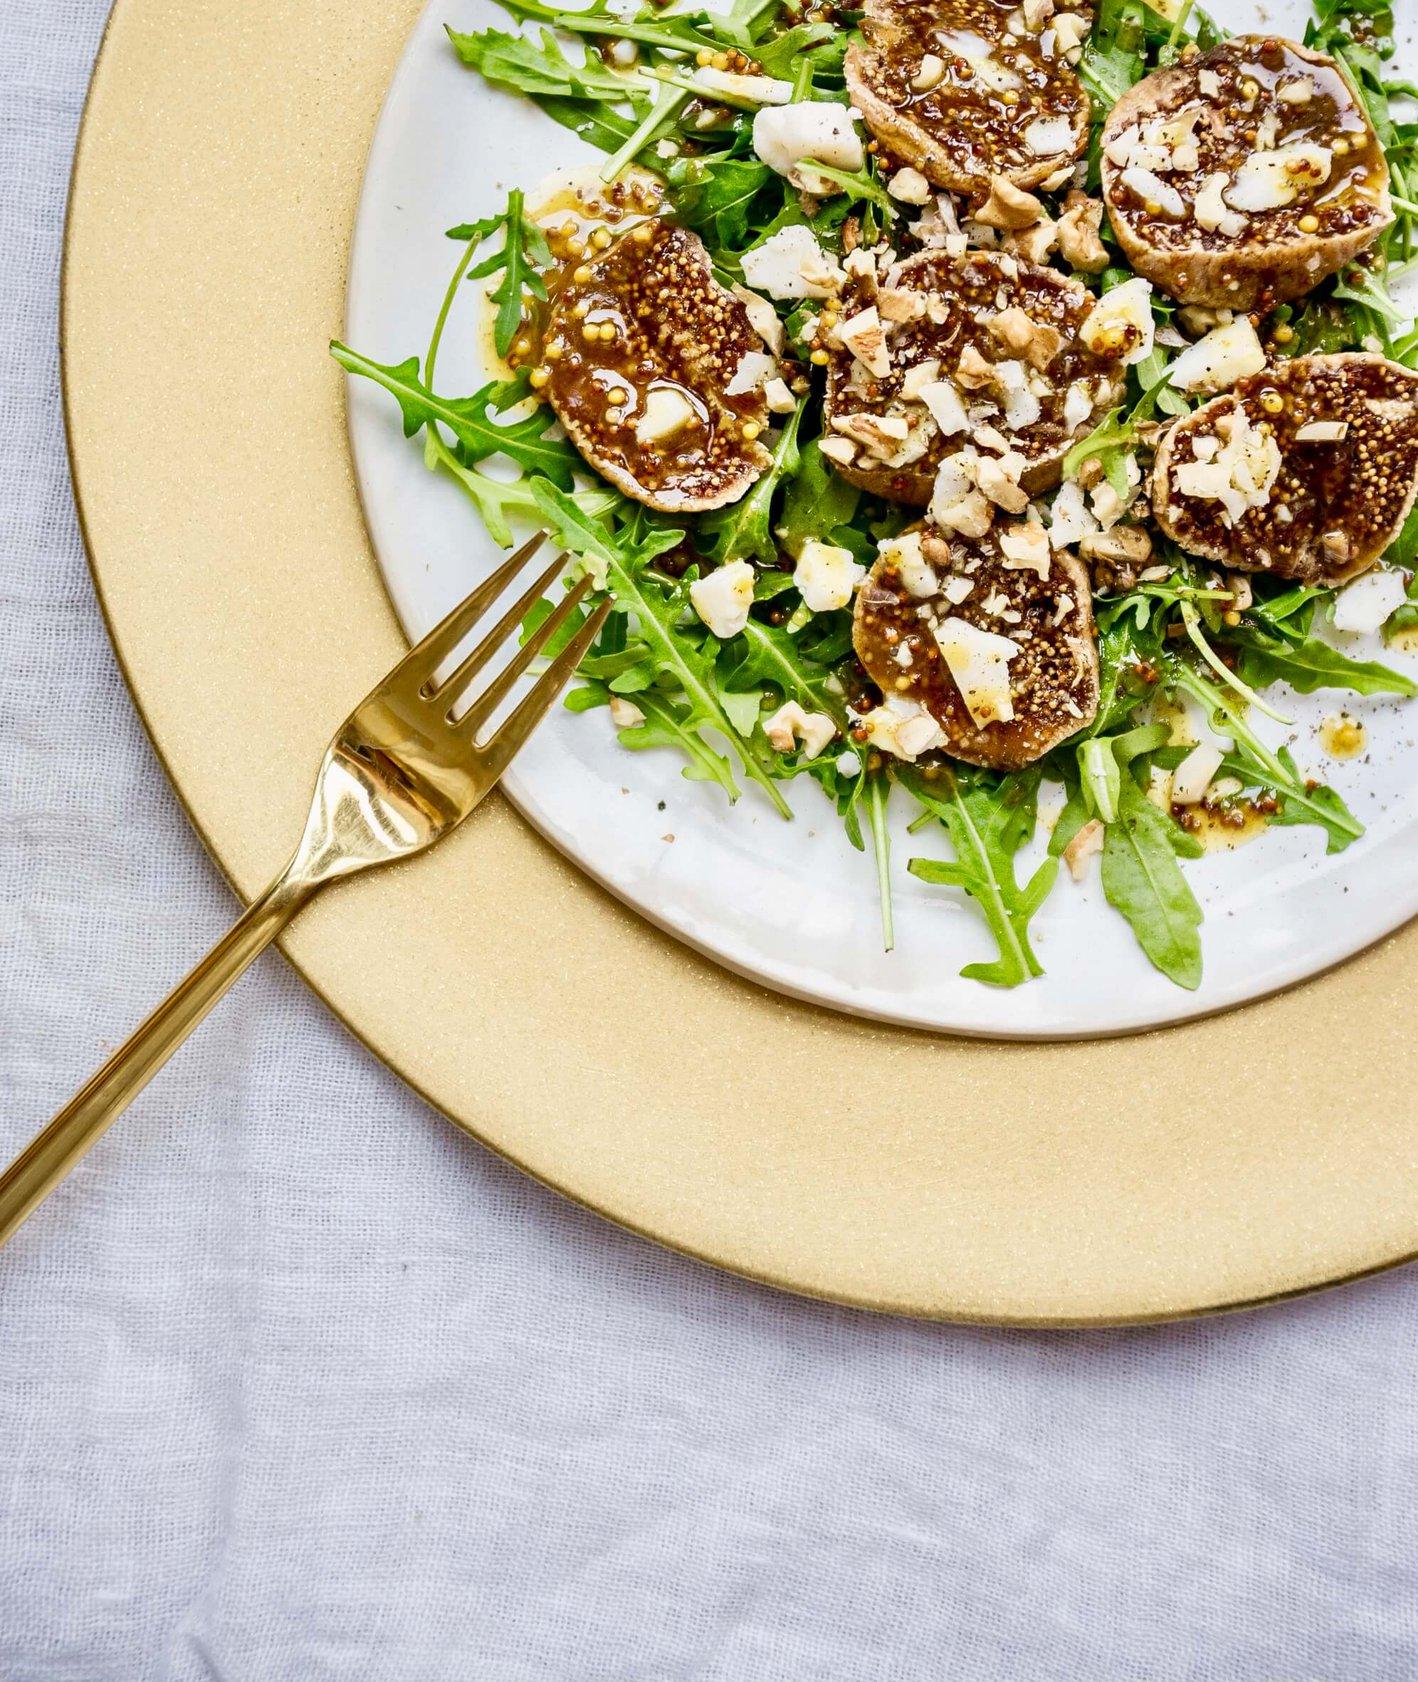 sałatka z figami i kozim serem, sałatka z figami, sałatka z kozim serem, sos do sałatki, sos musztardowy, lekka sałatka, szybki obiad, wiosenny obiad, danie w 5 minut